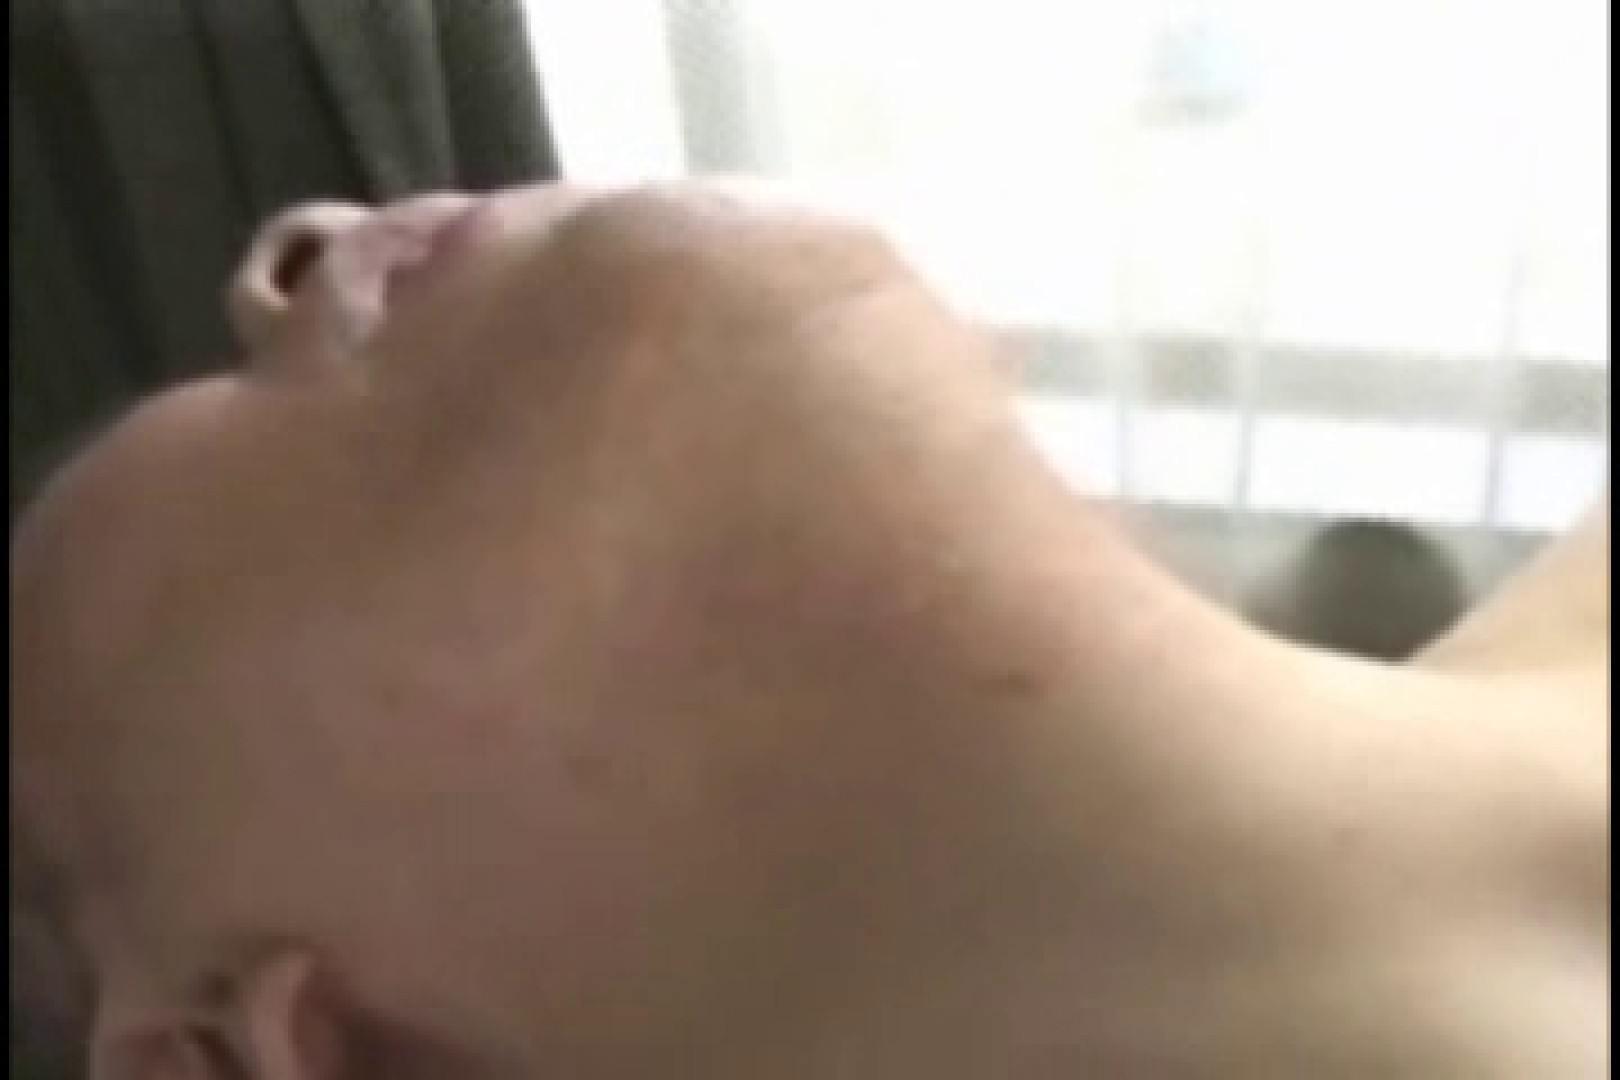 性欲に満ちたデカてぃむぽのホモ旦那 シックスナイン69 ゲイアダルトビデオ画像 96枚 20